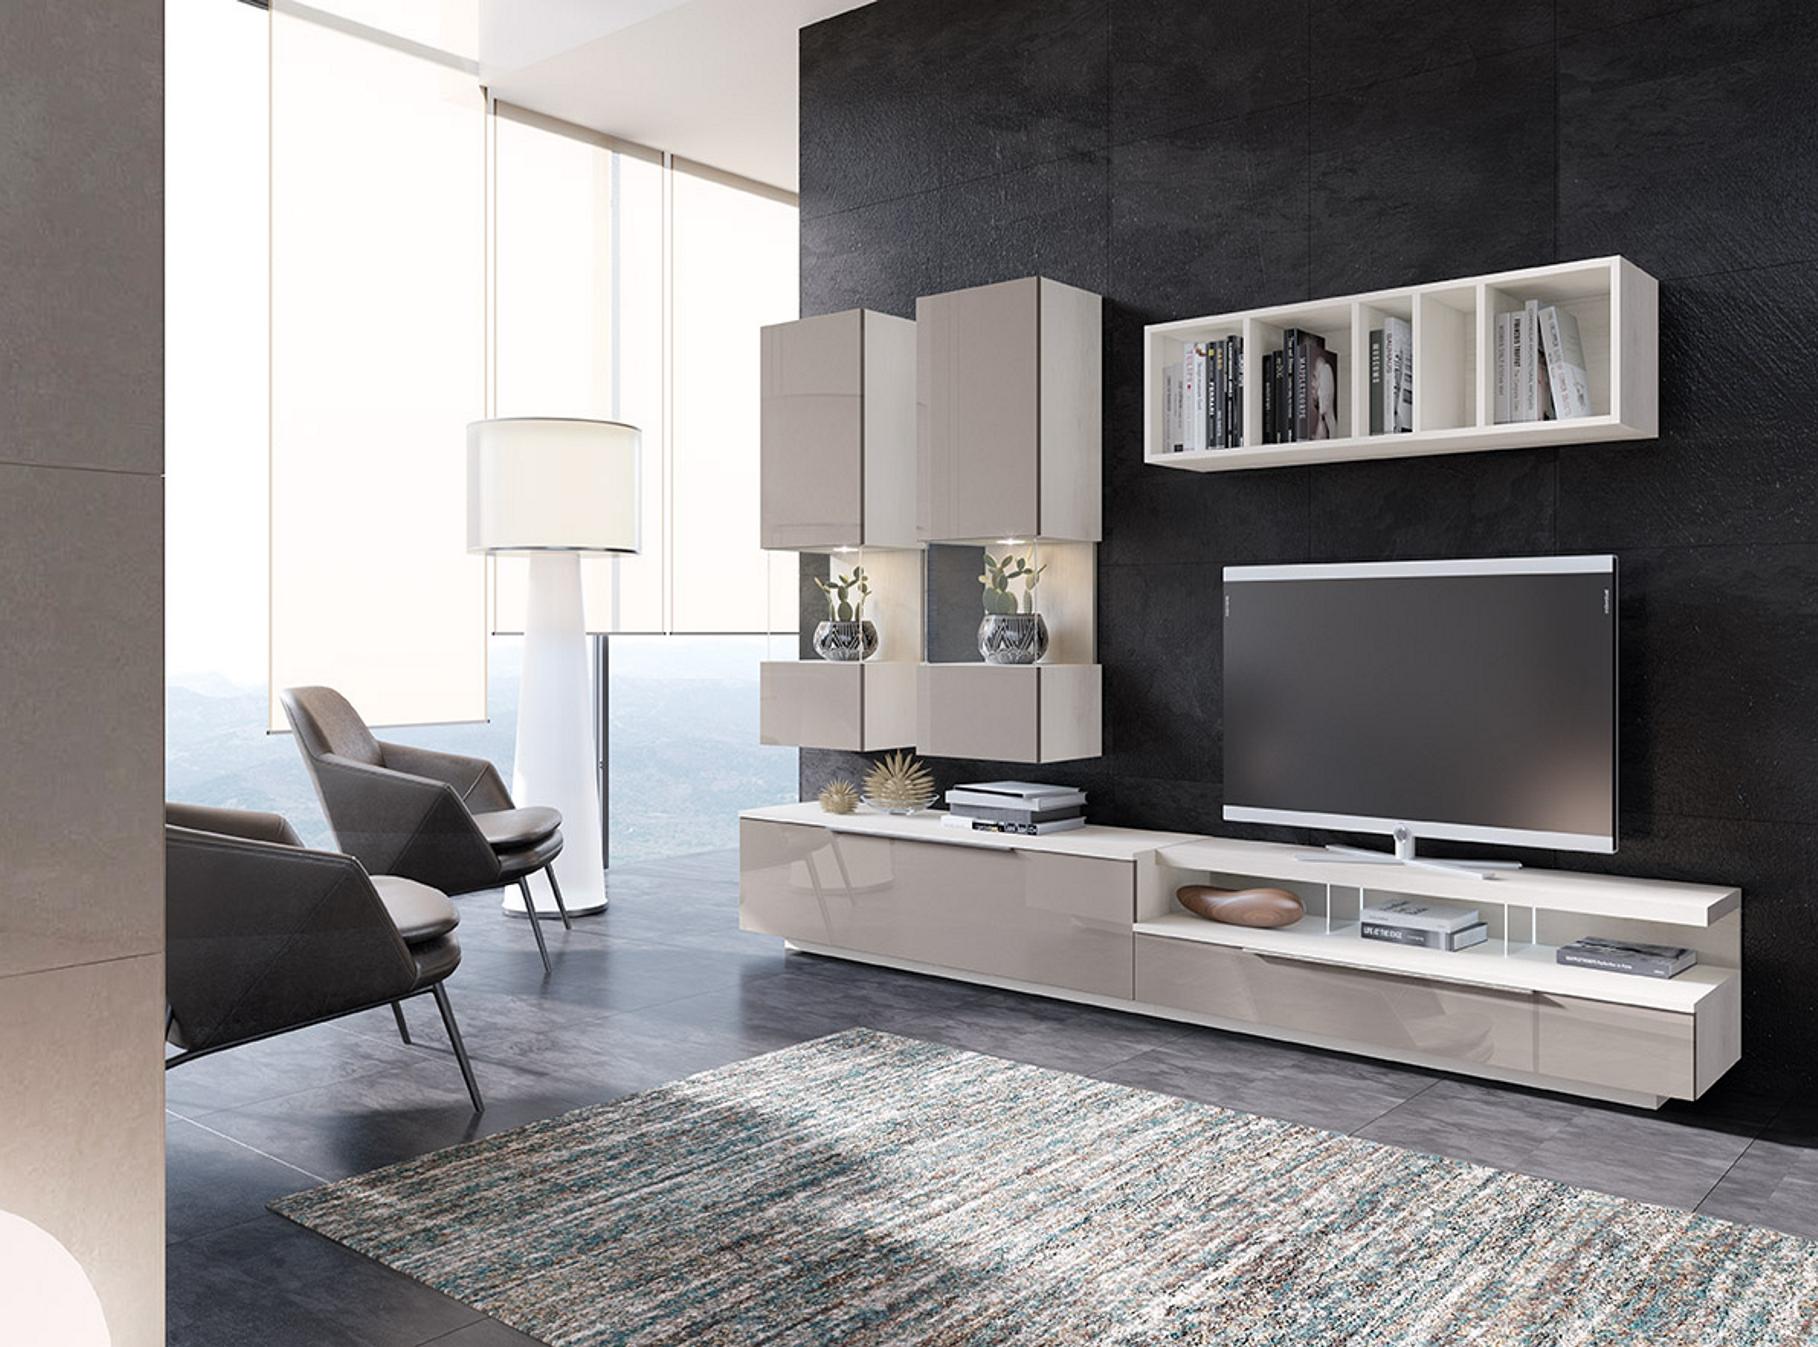 salon-moderno-Zion-3.0-muebles-paco-caballero-0907-5c8d32de25a01